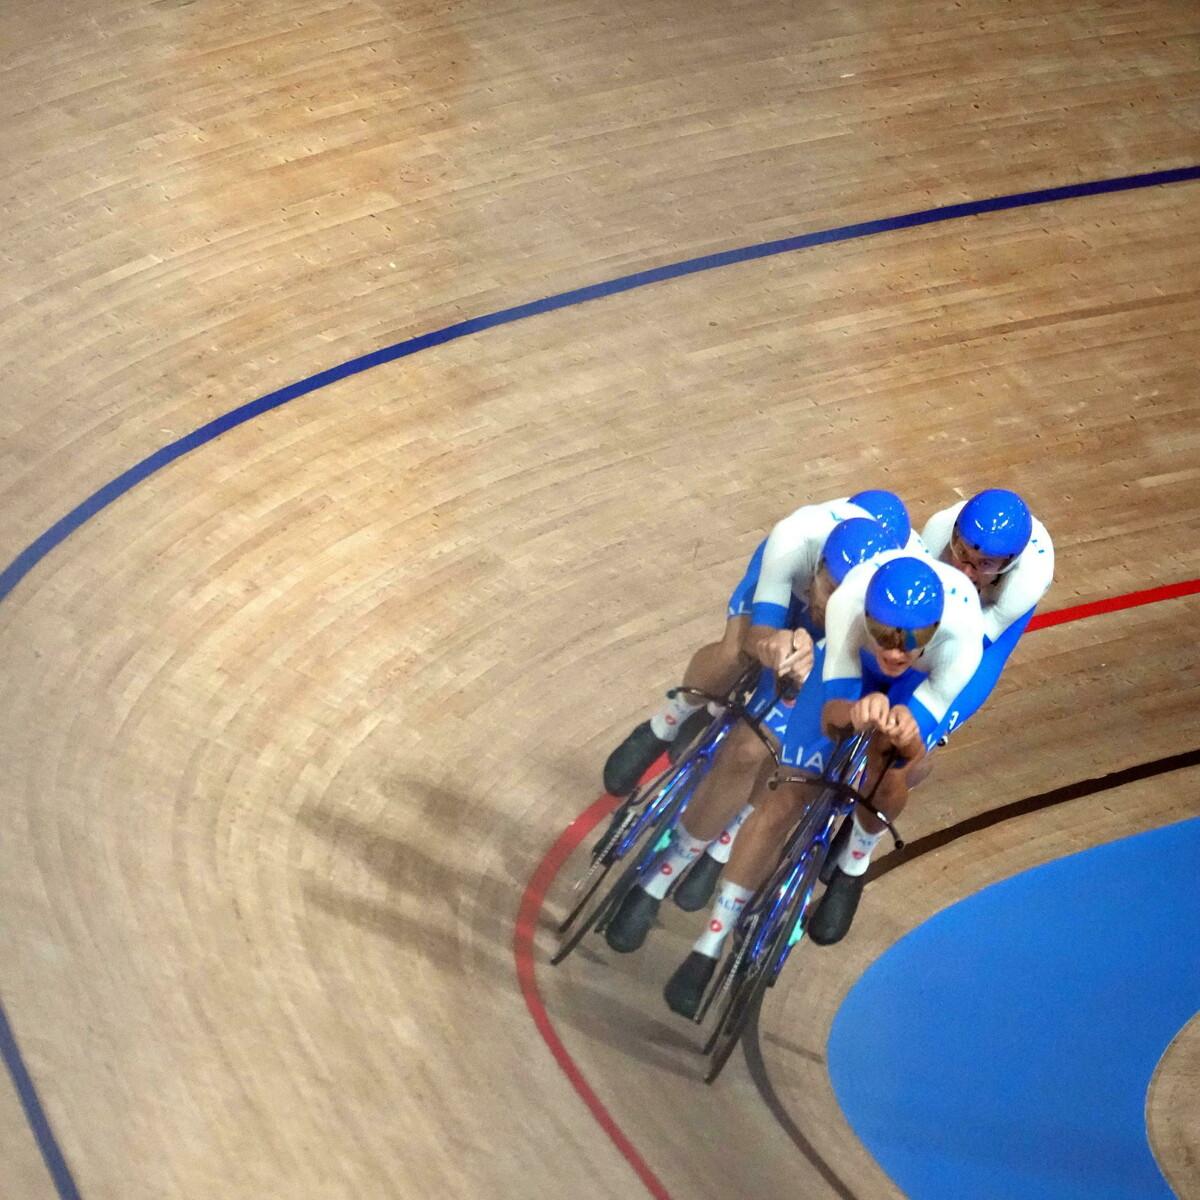 Record del mondo per gli azzurri nel ciclismo: la spedizione a Tokyo 2020 è già leggenda